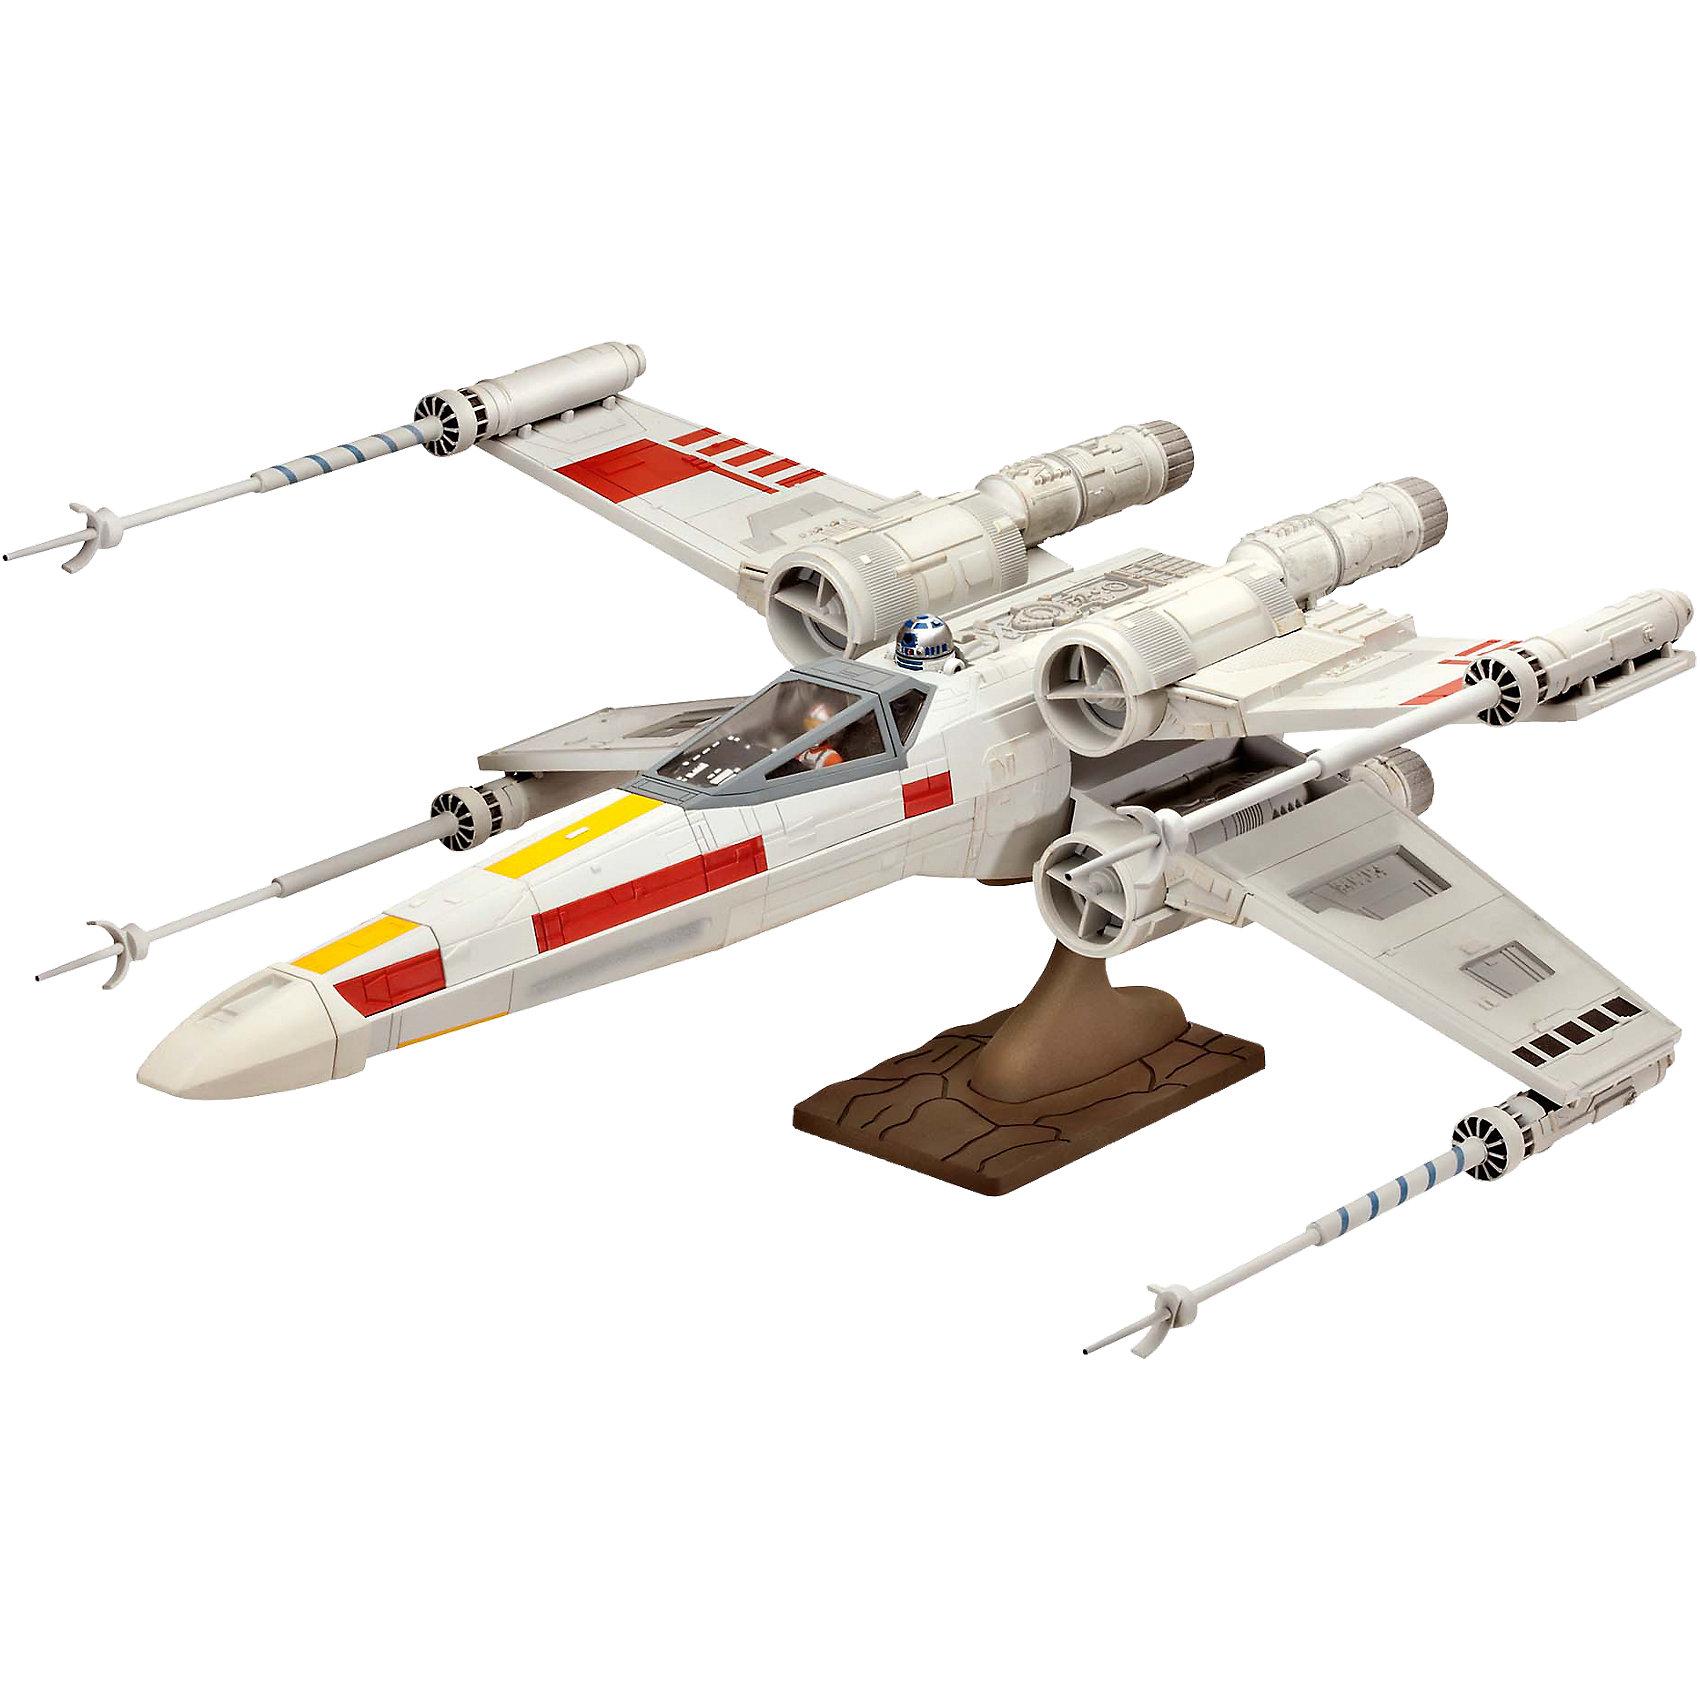 Сборка Звёздный истребитель «Крестокрыл» (41,4 см)Модели для склеивания<br>Сборная модель истребителя ARC-170 из серии, посвященной «Звездным Войнам». Этот корабль вооружен торпедами и лазерными пушками, и в целом он менее маневренный, чем истребители Джедаев. Команда корабля состоит из трёх клонов, которые могут управлять им наиболее эффективно именно в таком составе. <br>Для сборки этой модели клей и краски вам не потребуются, соединение деталей происходит посредством специальных зажимов! <br>Количество деталей: 62 <br>Длина модели: 416 мм <br>Количество фигур: 1.<br><br>Ширина мм: 584<br>Глубина мм: 383<br>Высота мм: 76<br>Вес г: 1151<br>Возраст от месяцев: 96<br>Возраст до месяцев: 156<br>Пол: Мужской<br>Возраст: Детский<br>SKU: 4171726